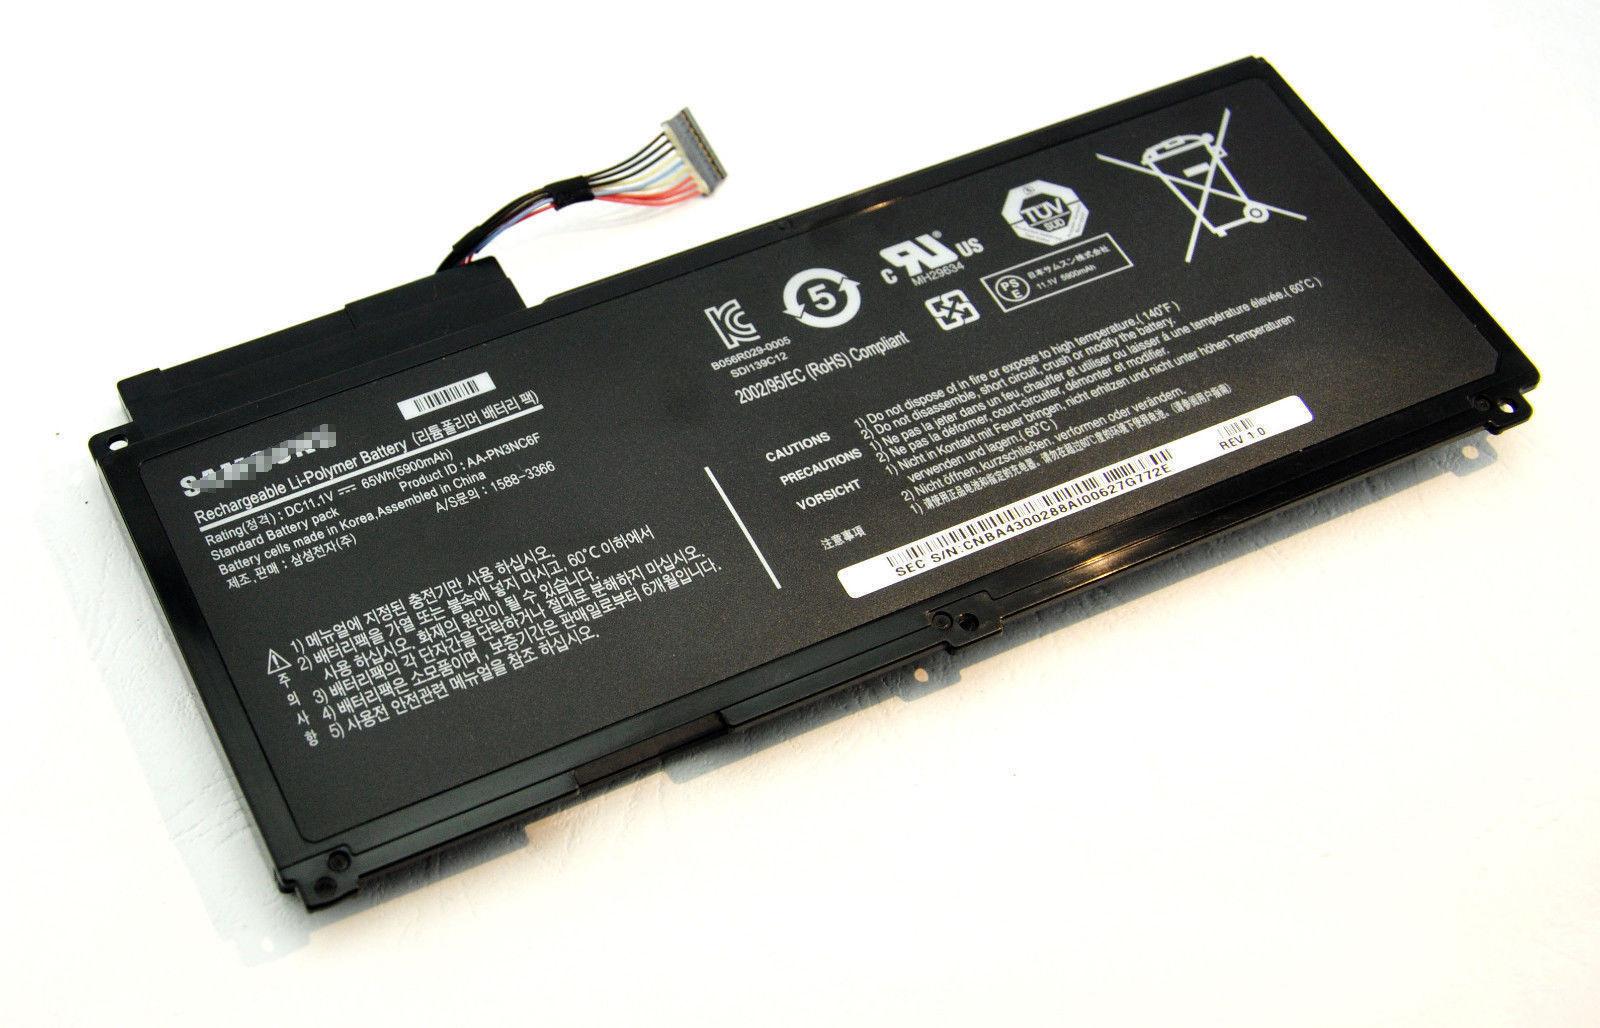 Opticaddy HDDSSD caddy beépítőkeretDVD ház Samsung Q330